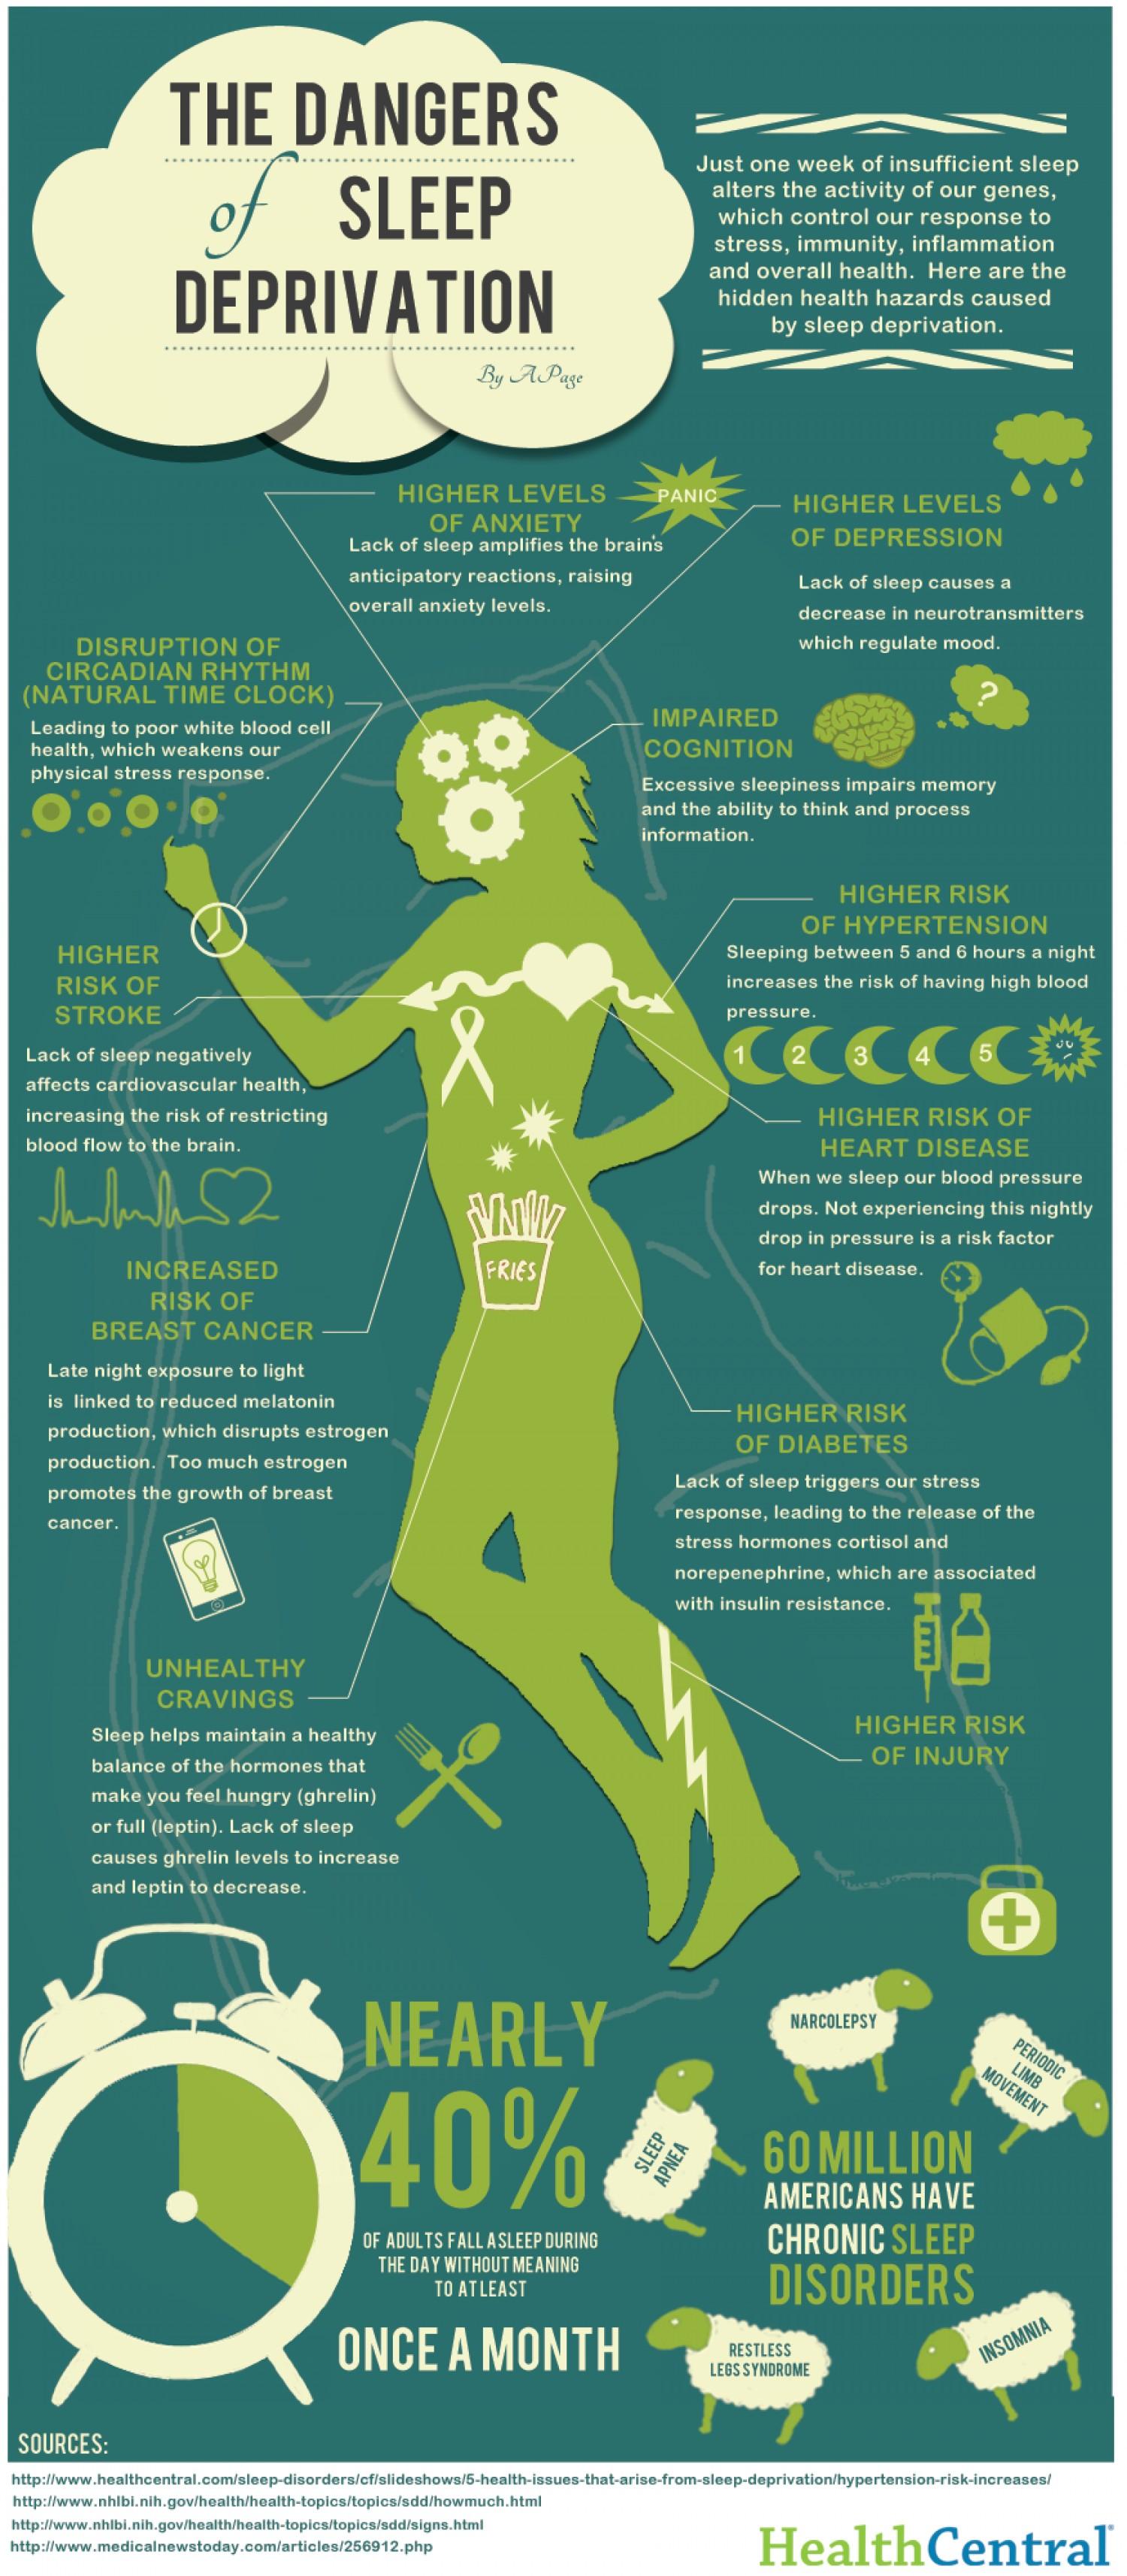 Infographic credit:Netdna-ssl.com